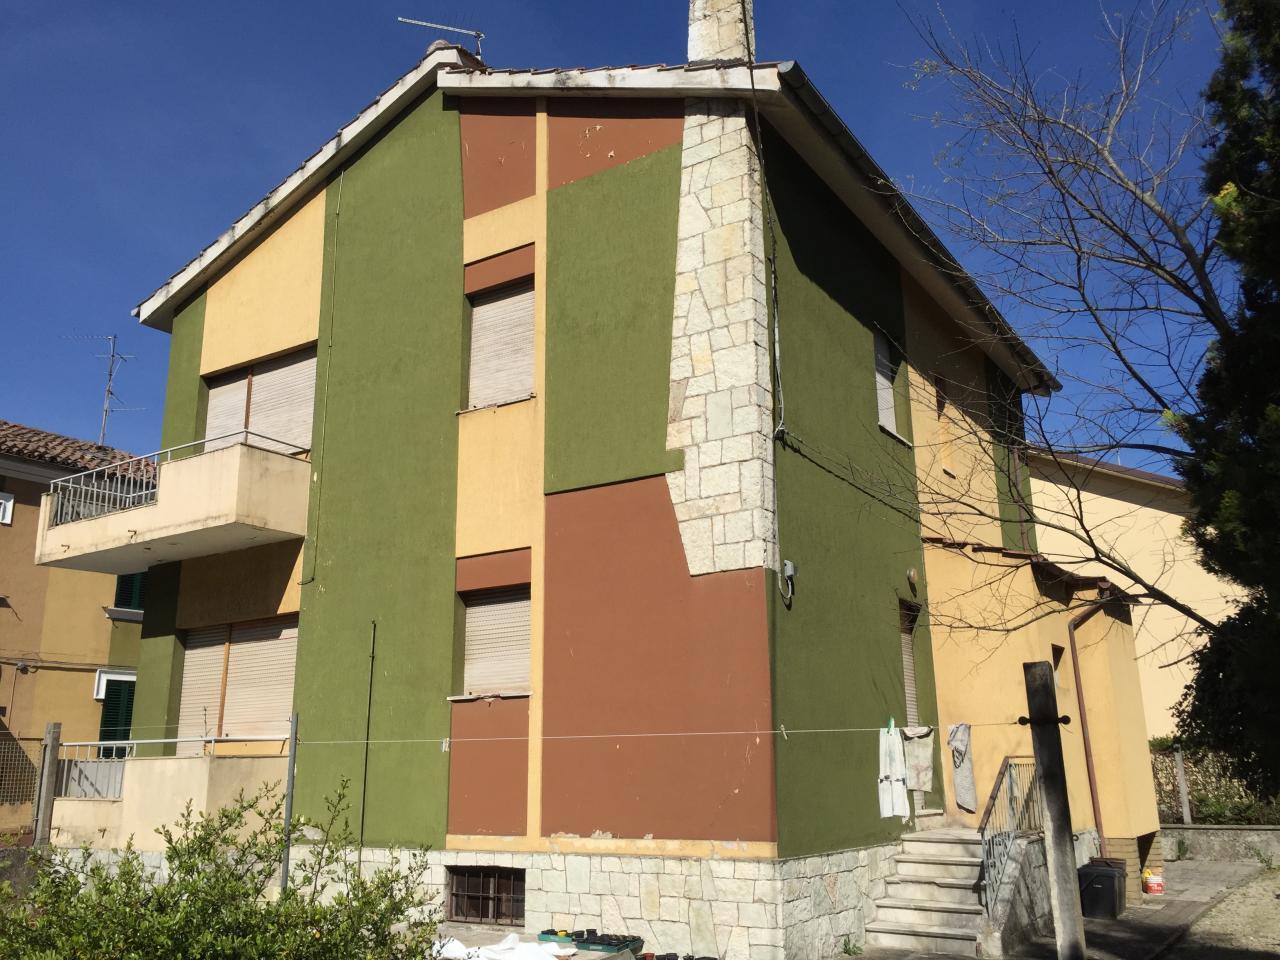 Soluzione Indipendente in vendita a Fabriano, 5 locali, zona Località: SEMIPERIFERIA, Trattative riservate | CambioCasa.it